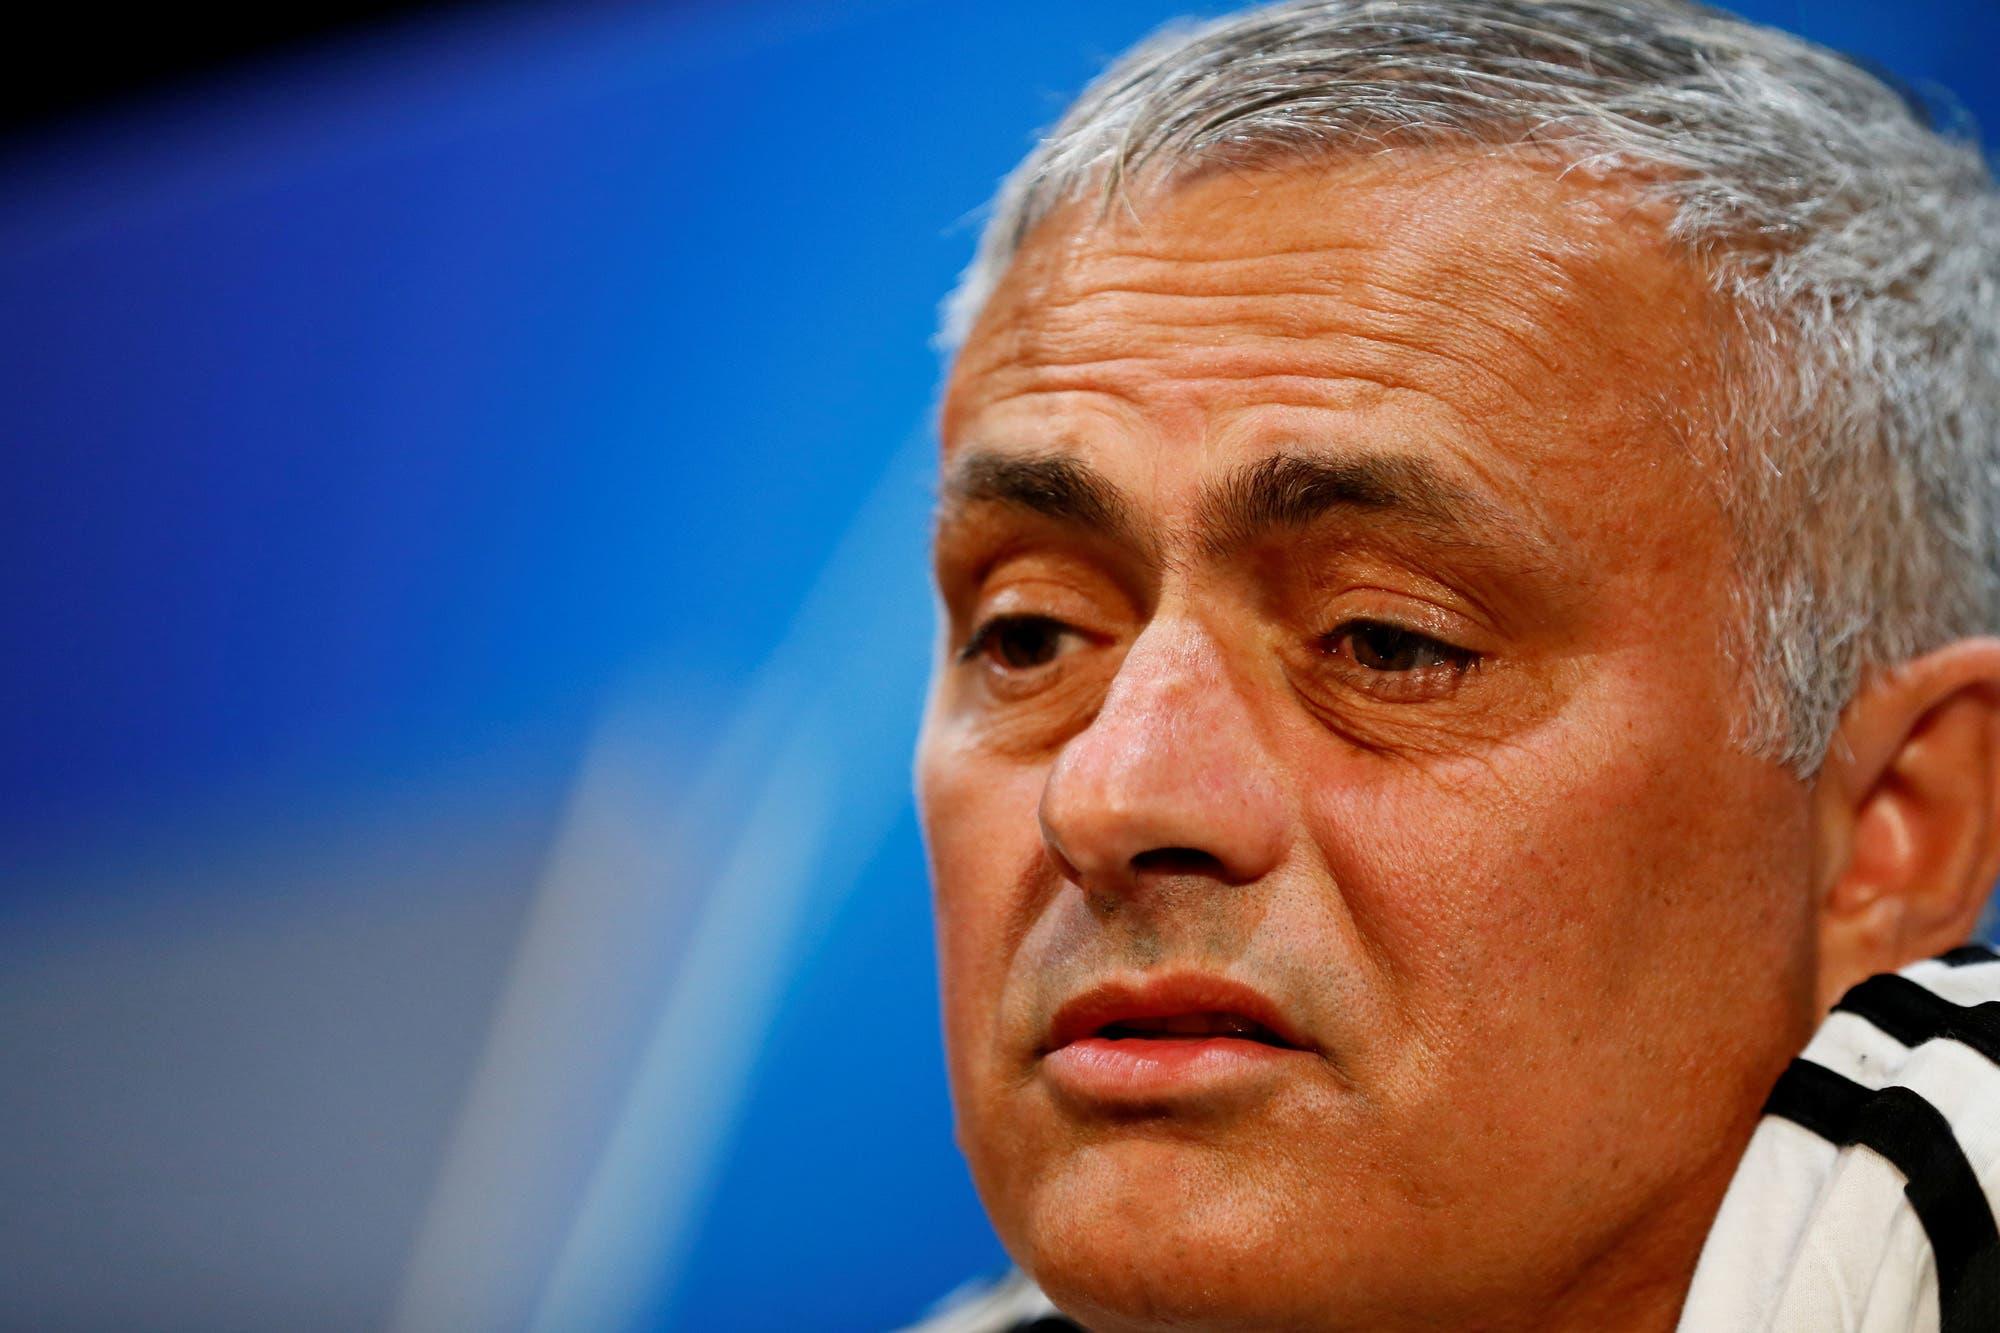 """Echaron a Mourinho: Manchester United despidió al DT """"con efecto inmediato"""" por los malos resultados"""